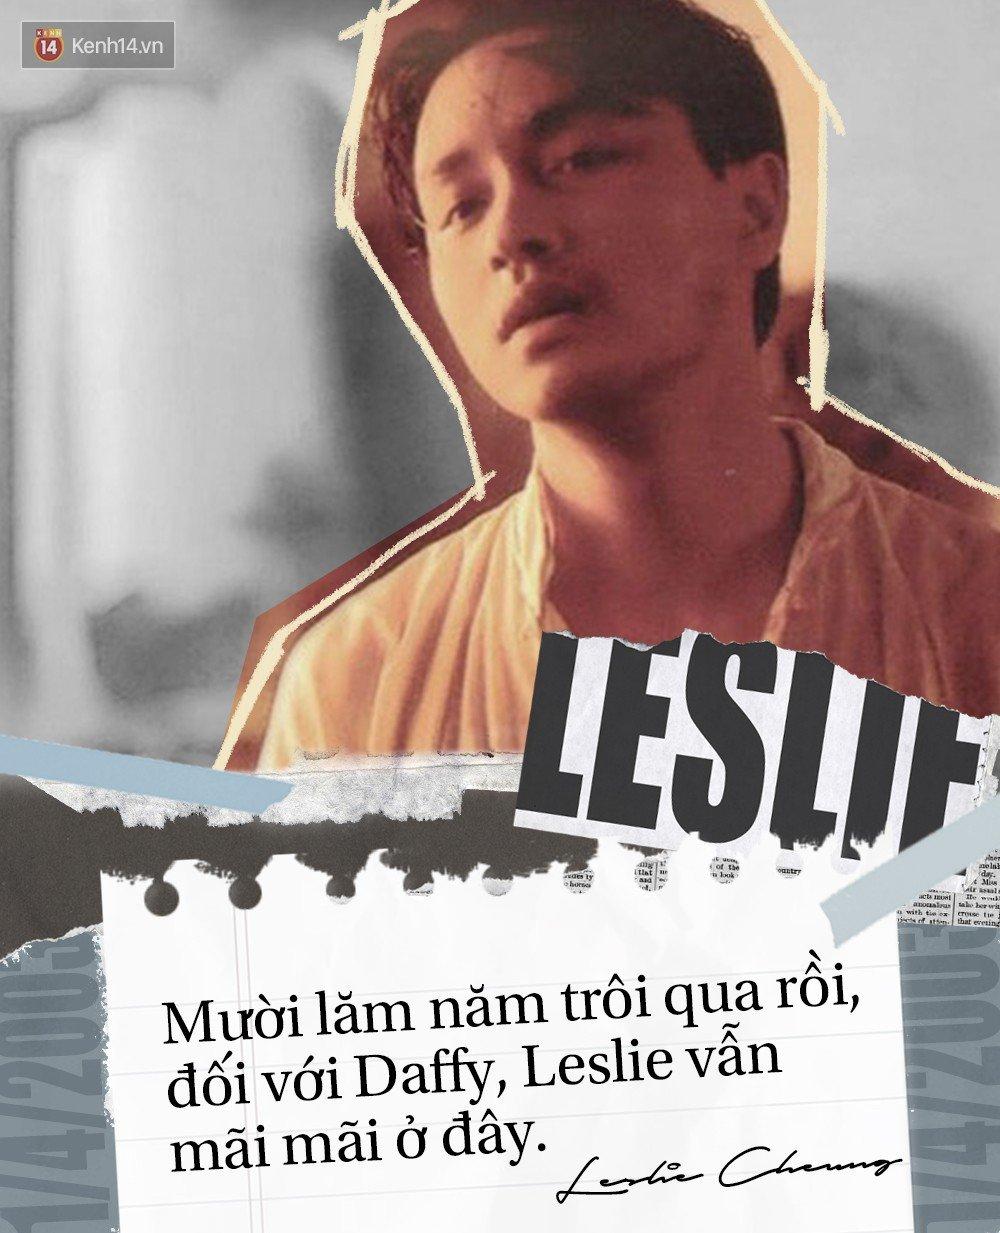 15 nam tu biet Truong Quoc Vinh: Tinh yeu vinh cuu cua Duong Duong va anh trang mai ven nguyen hinh anh 5